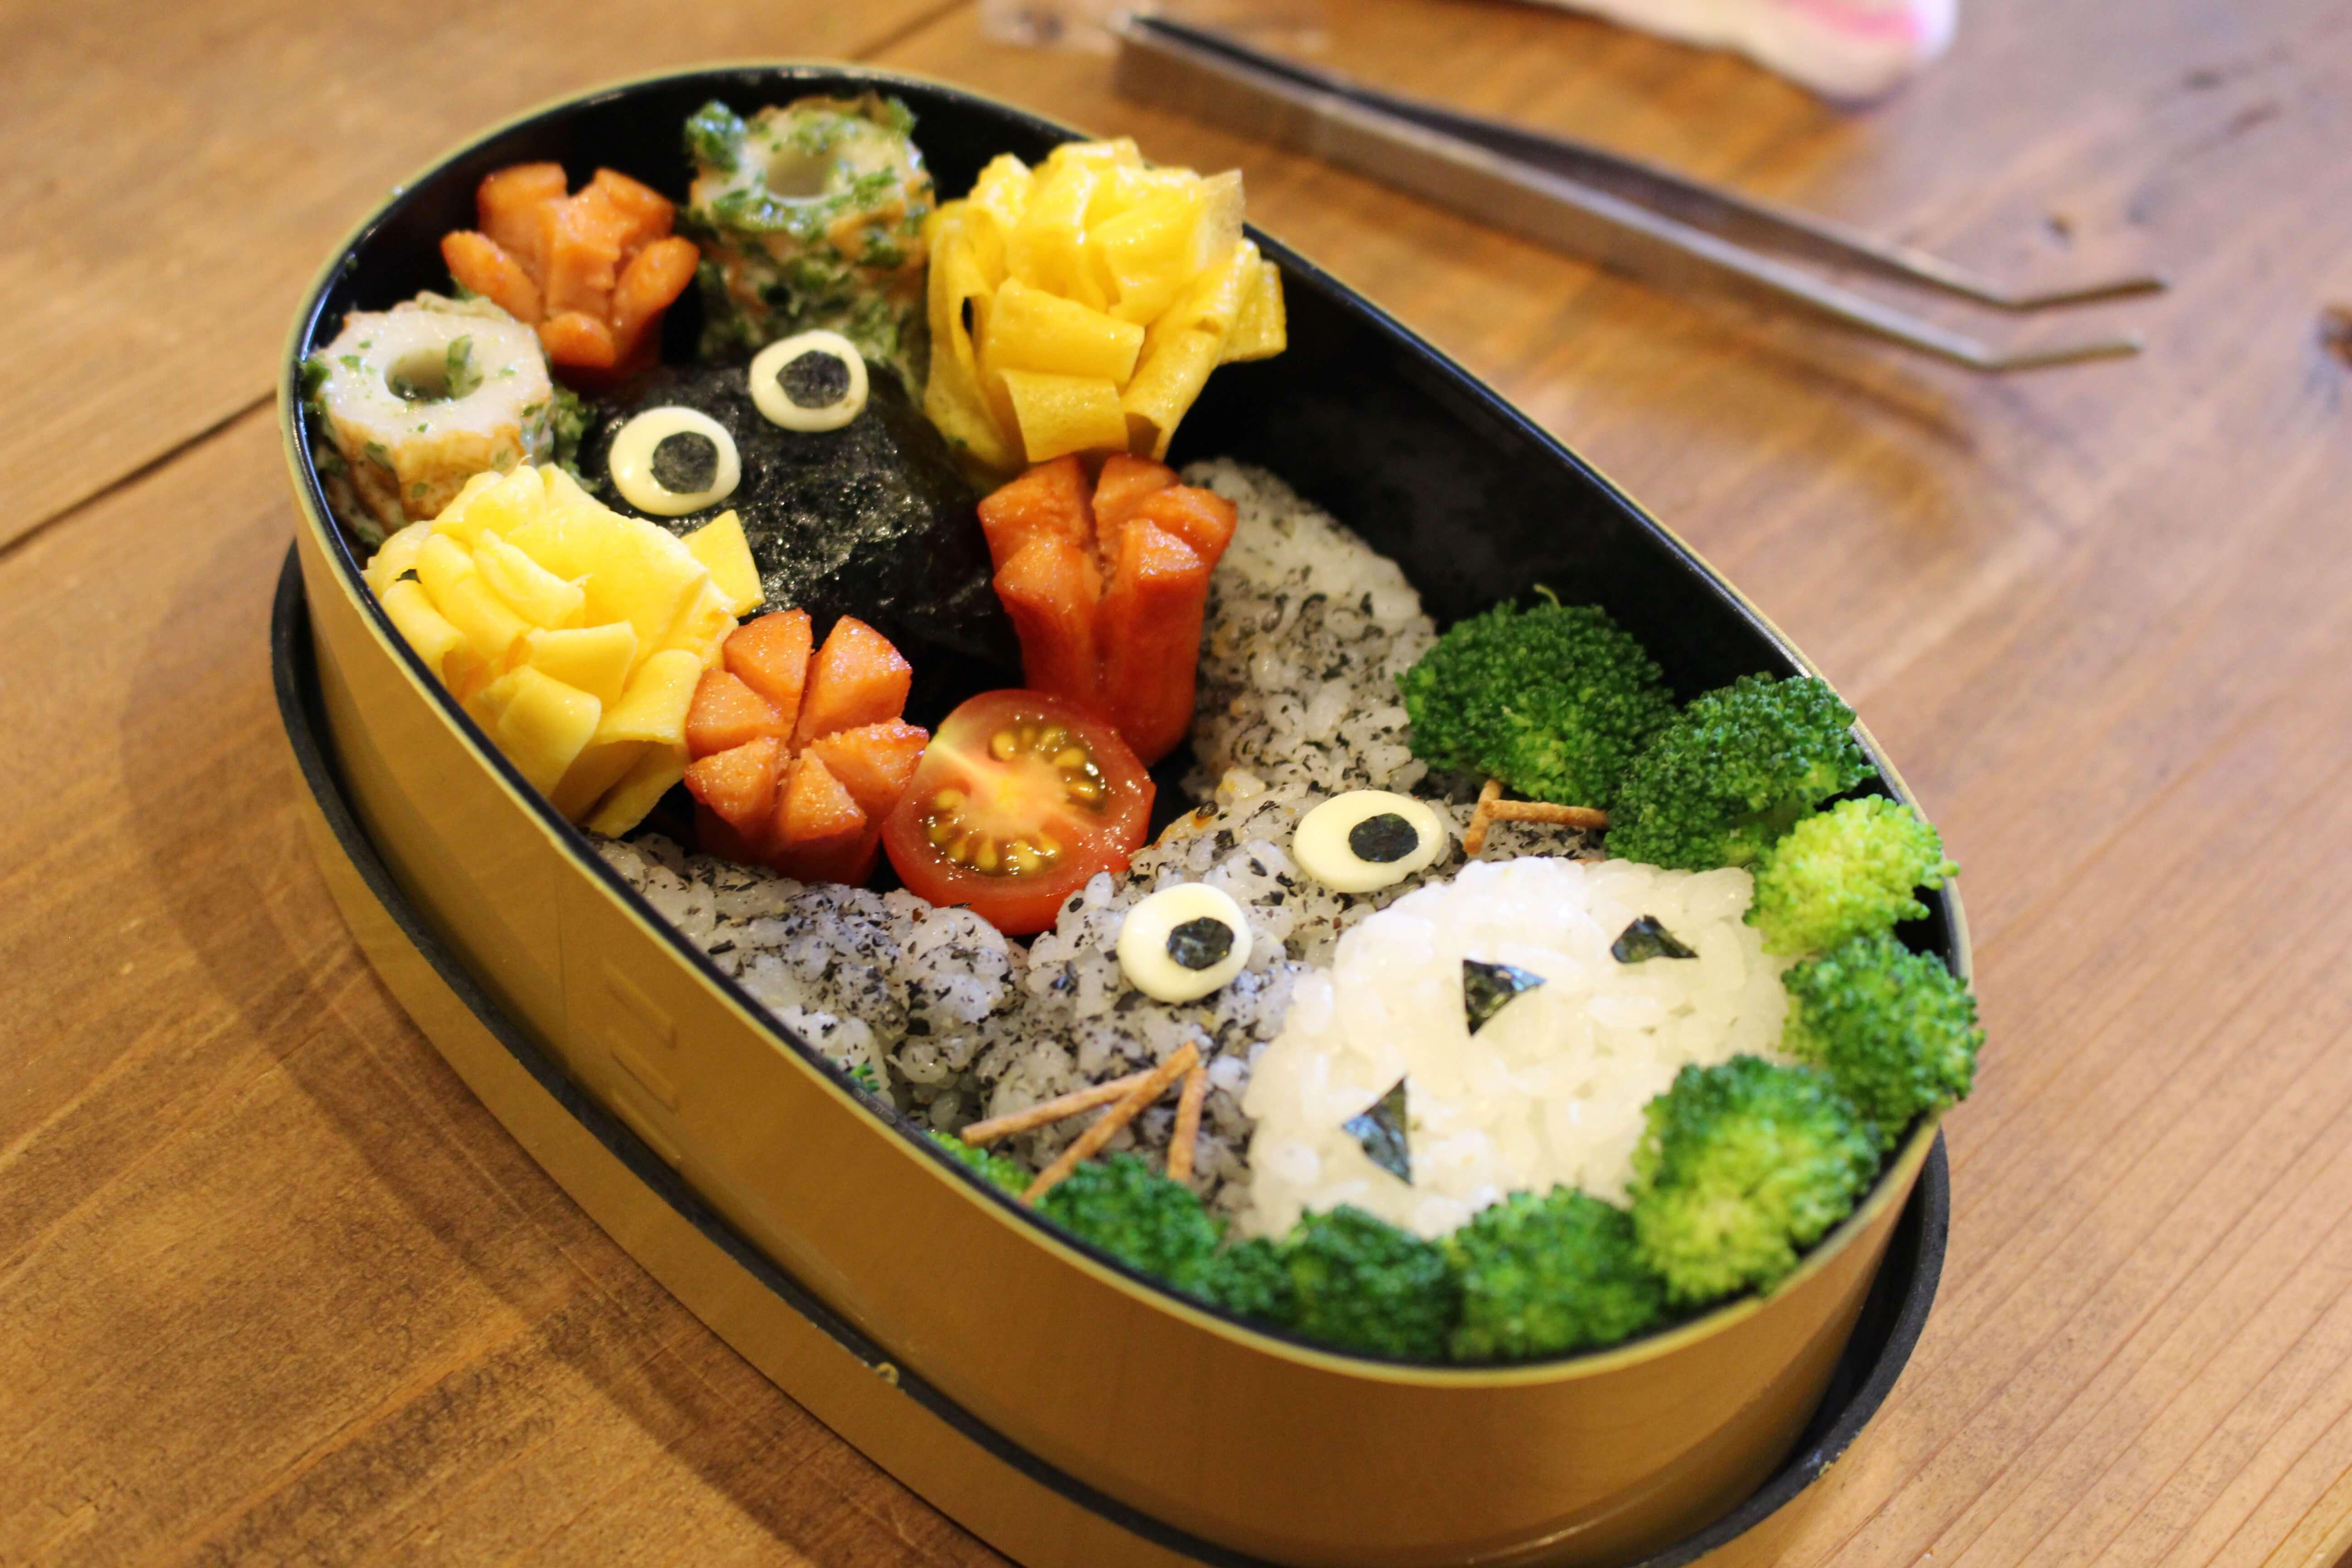 【airKitchen】料理を通して世界とつながる  -Rinaさんのキャラ弁教室-